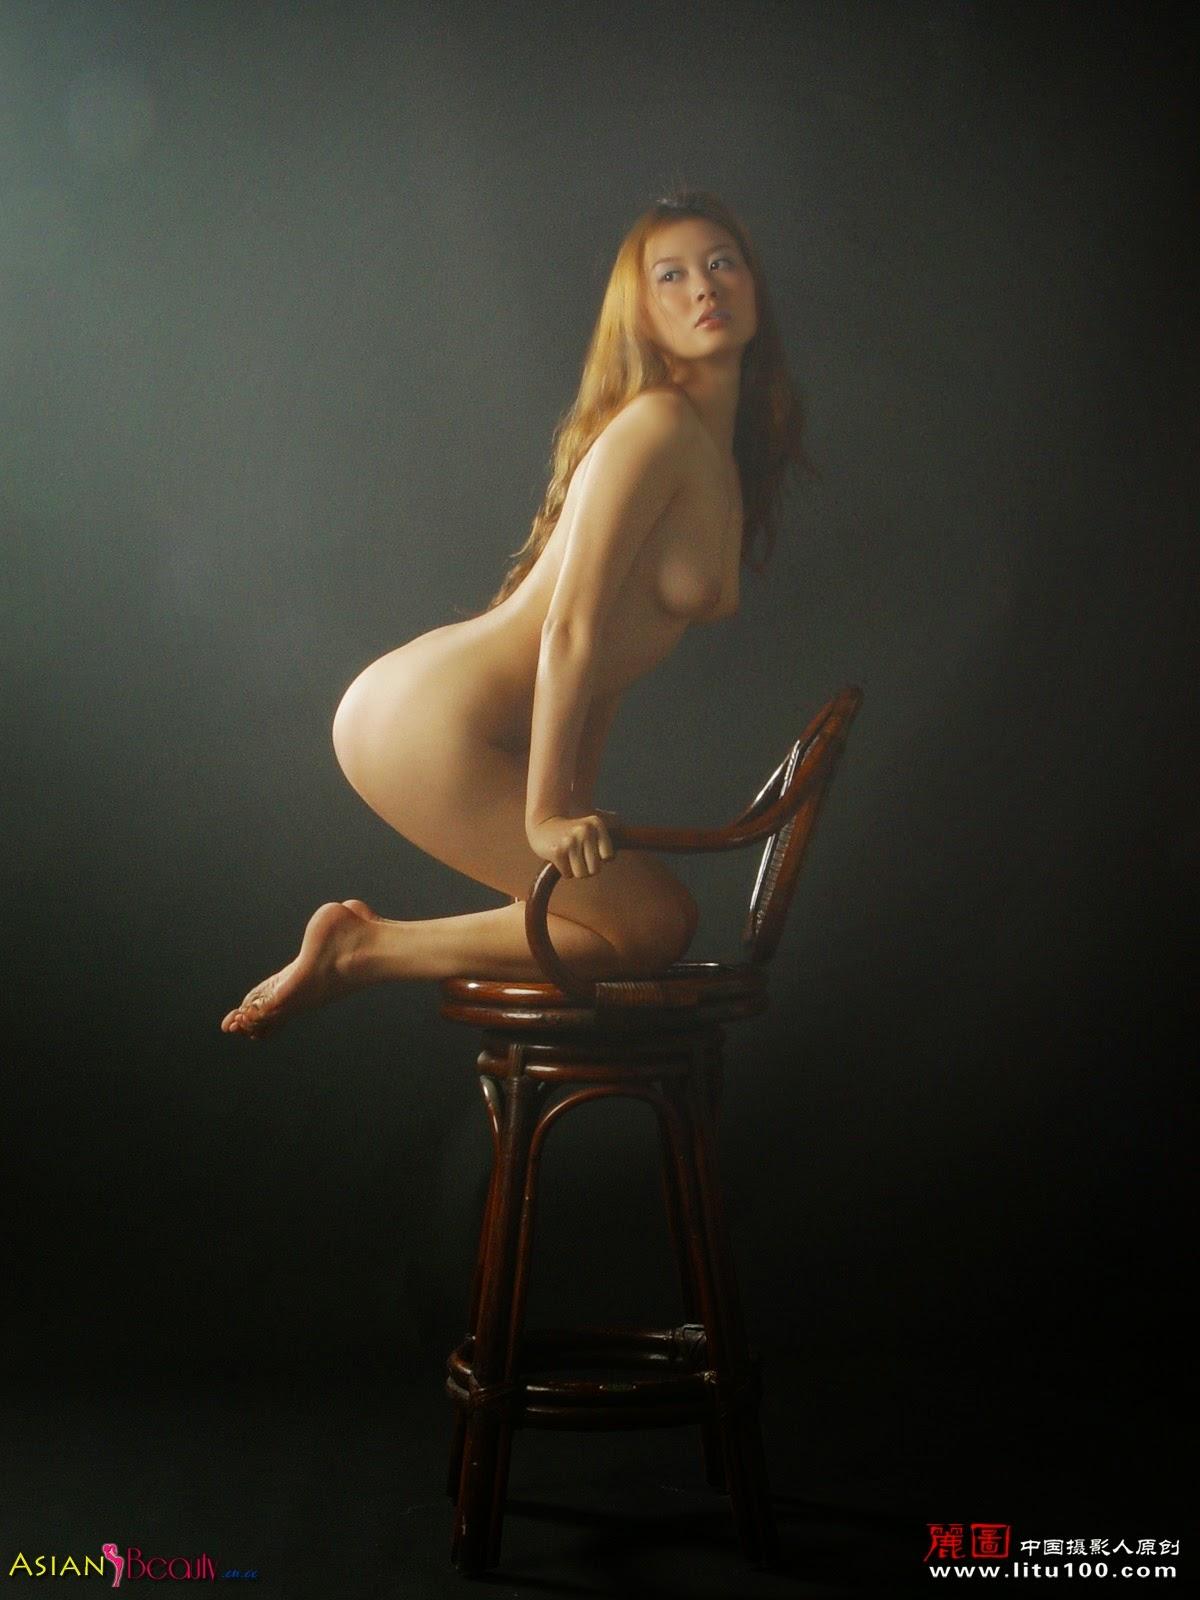 Girl stripped naked shanghai video